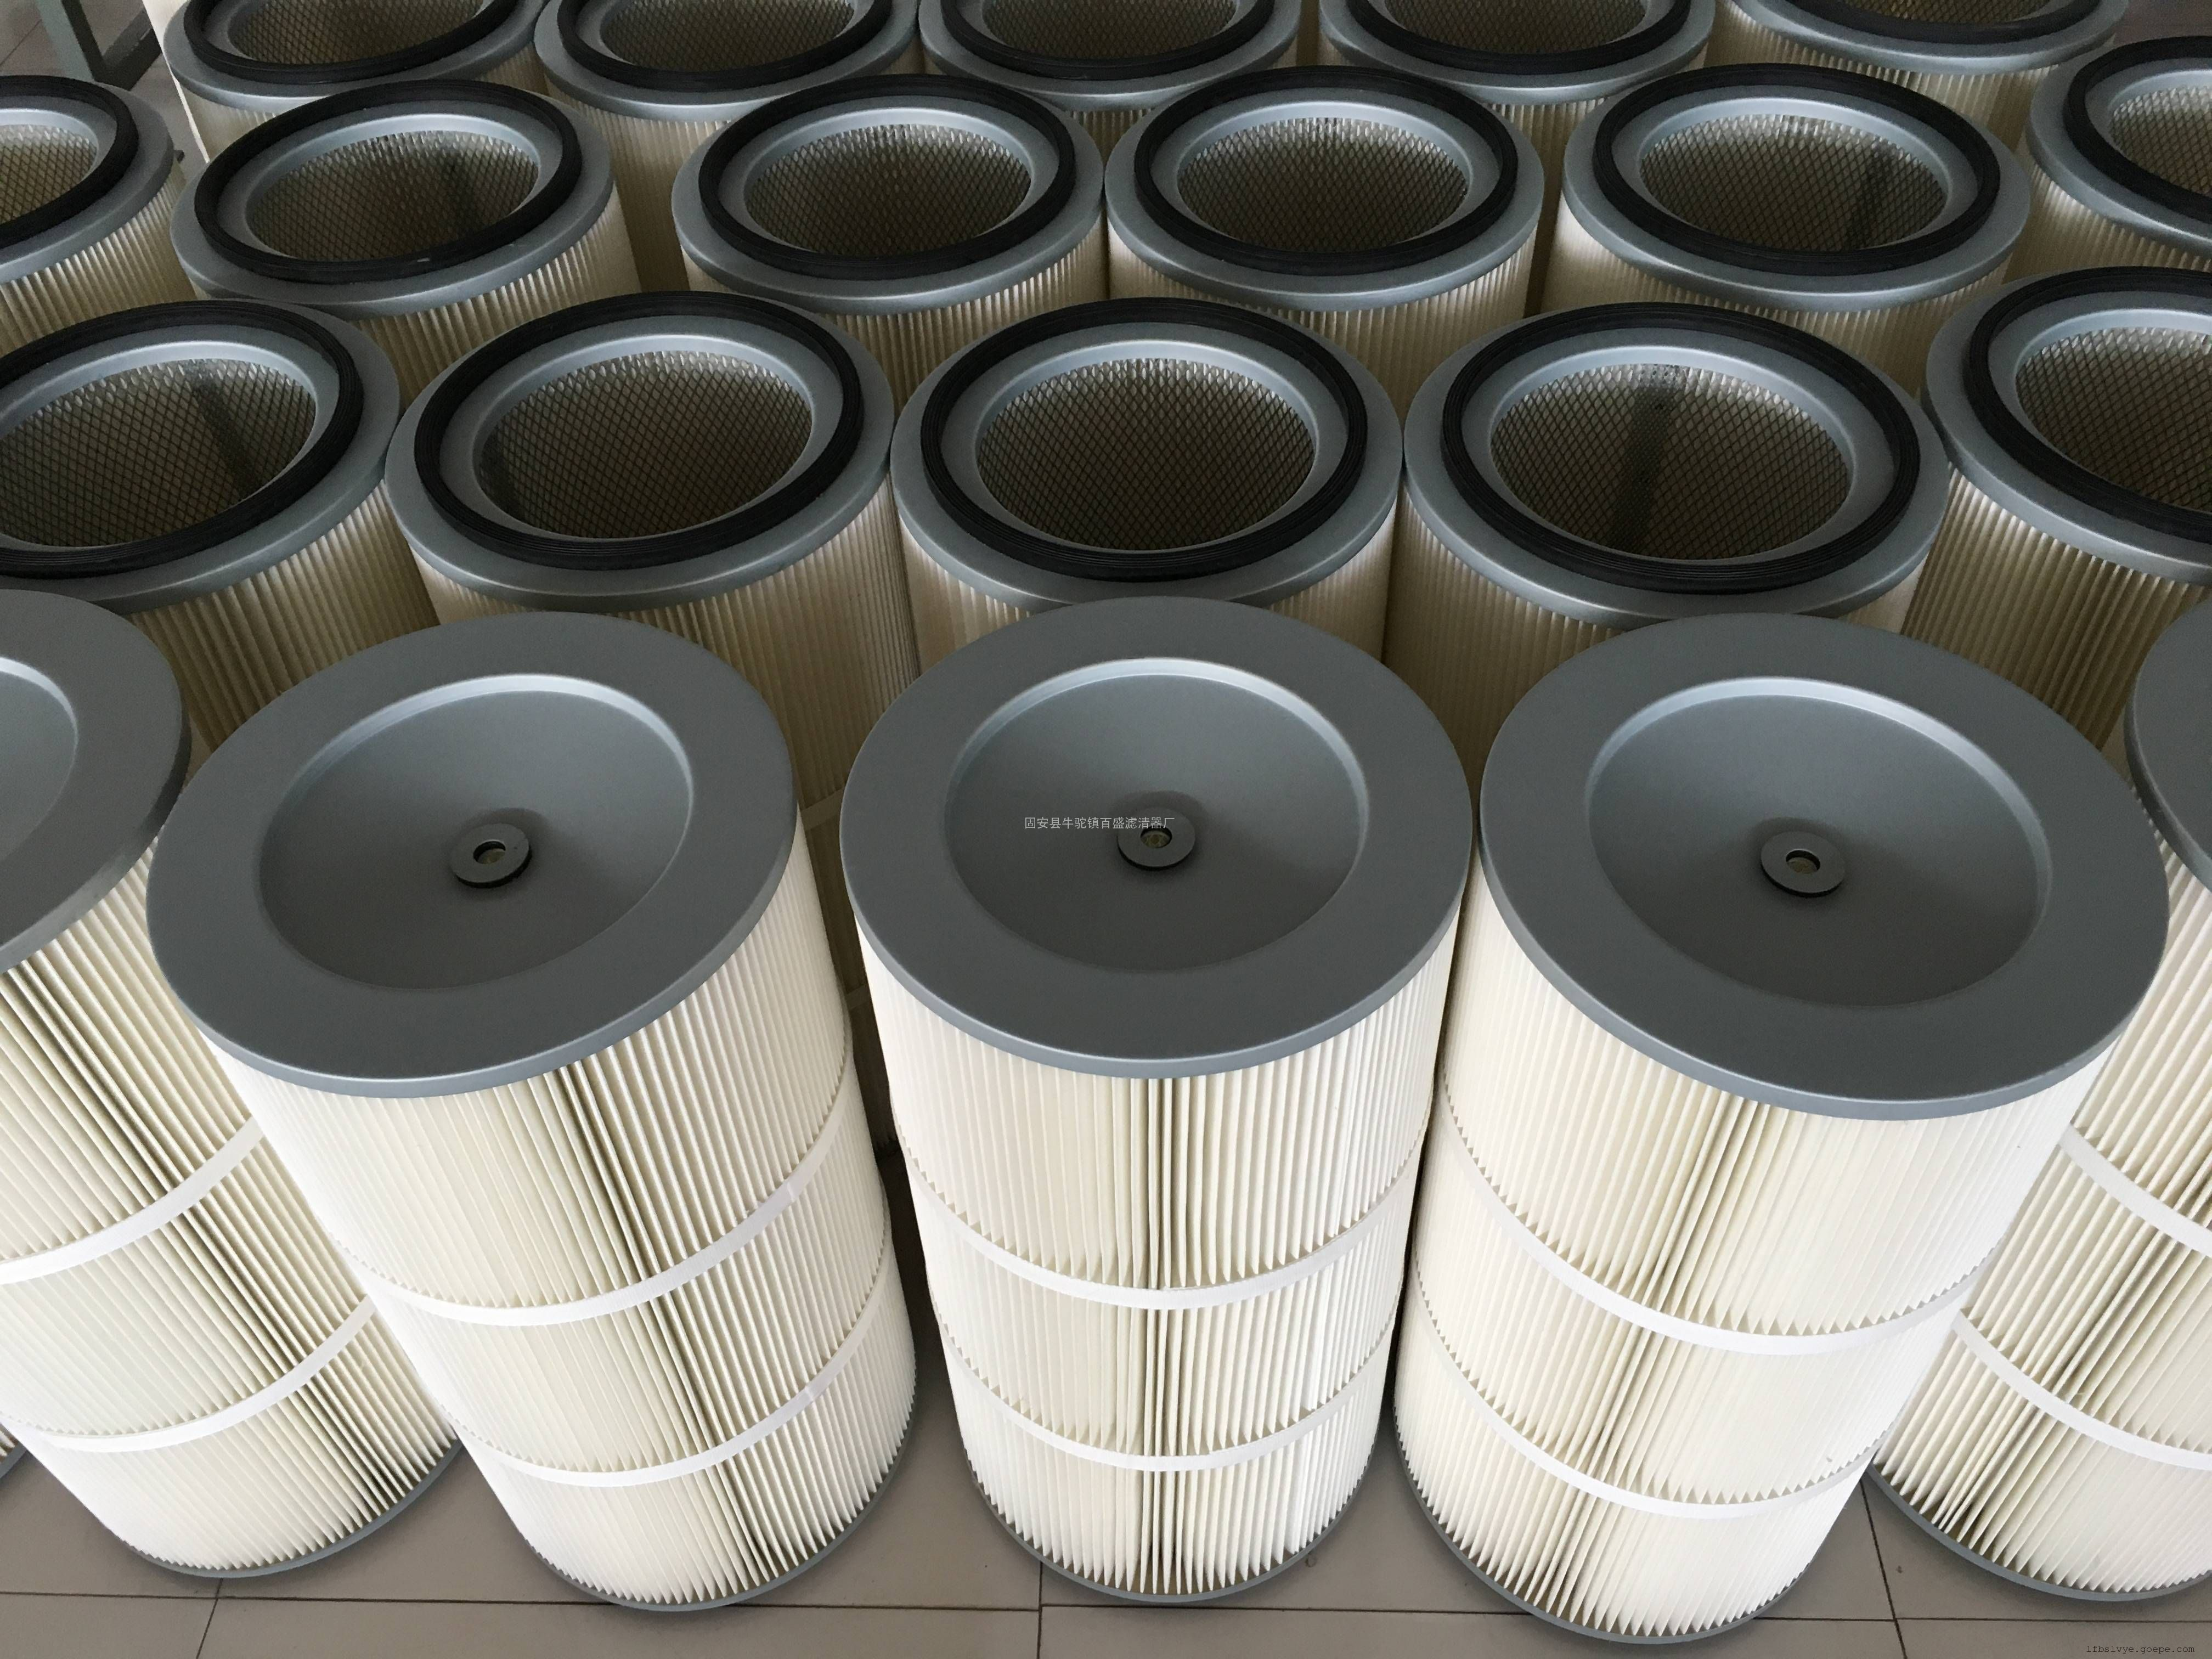 聚酯纤维PTFE覆膜除尘滤芯